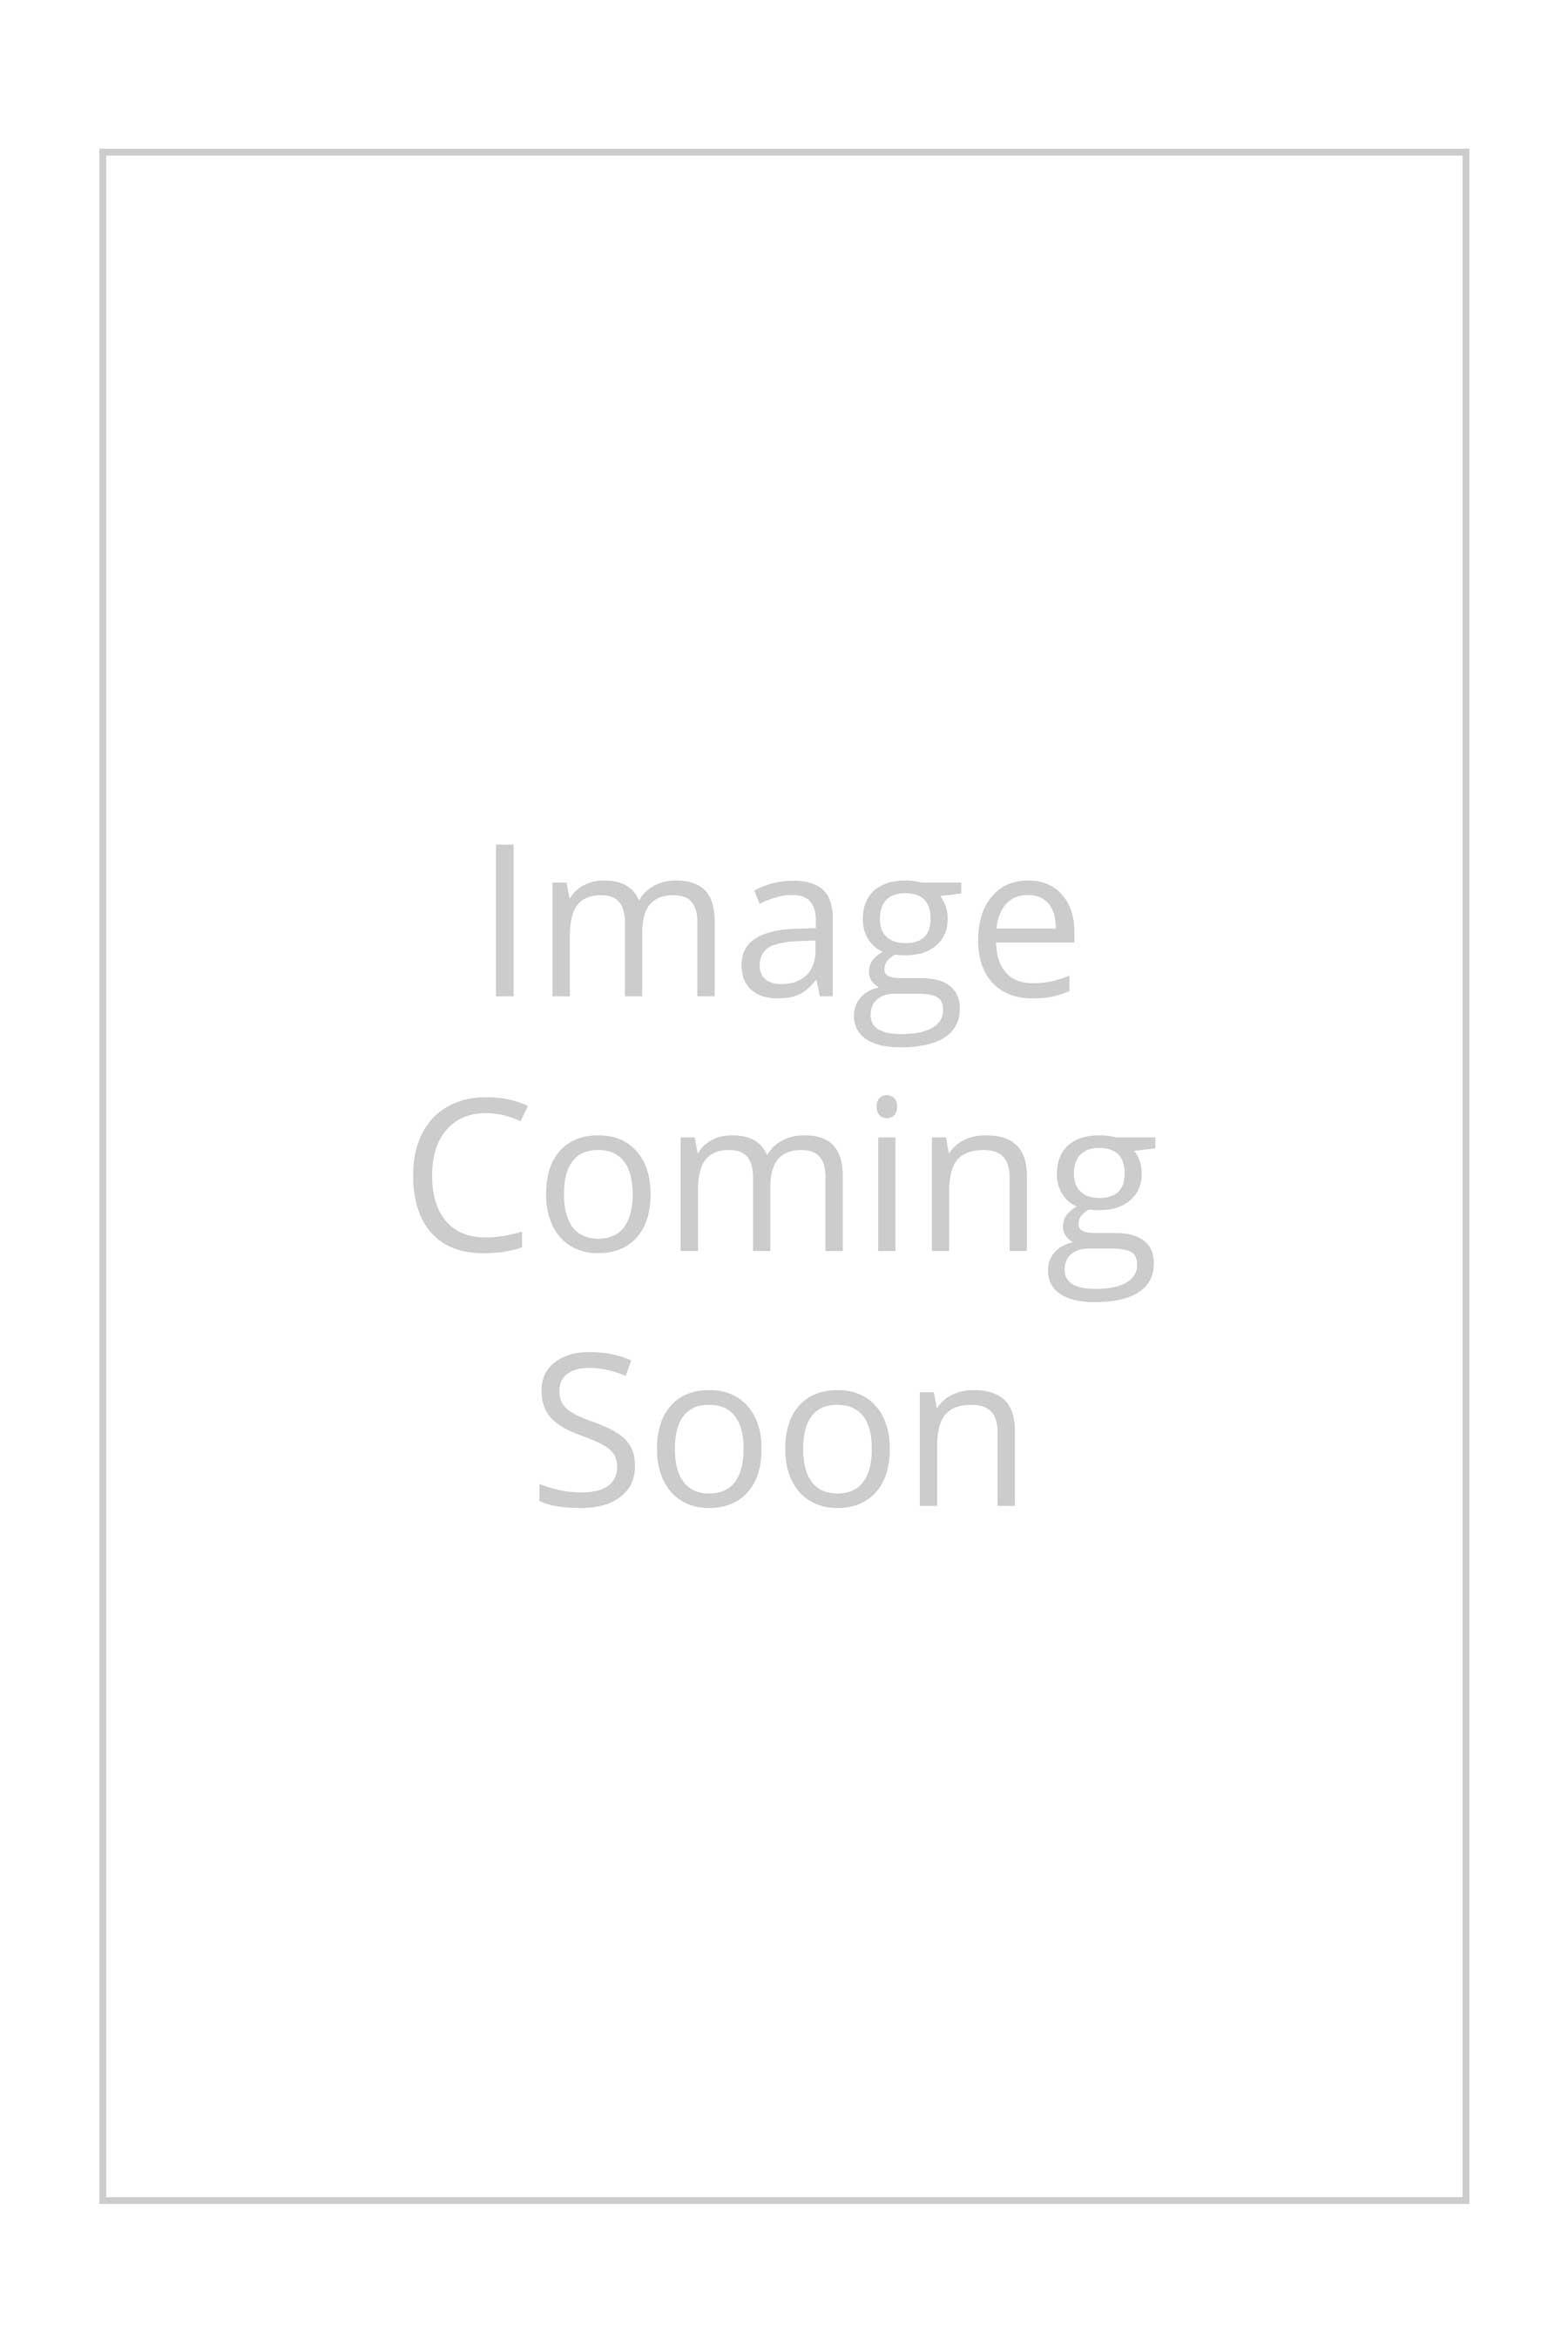 Ralph Lauren Black Label Stretch Cashmere Sheath Dress in Oatmeal